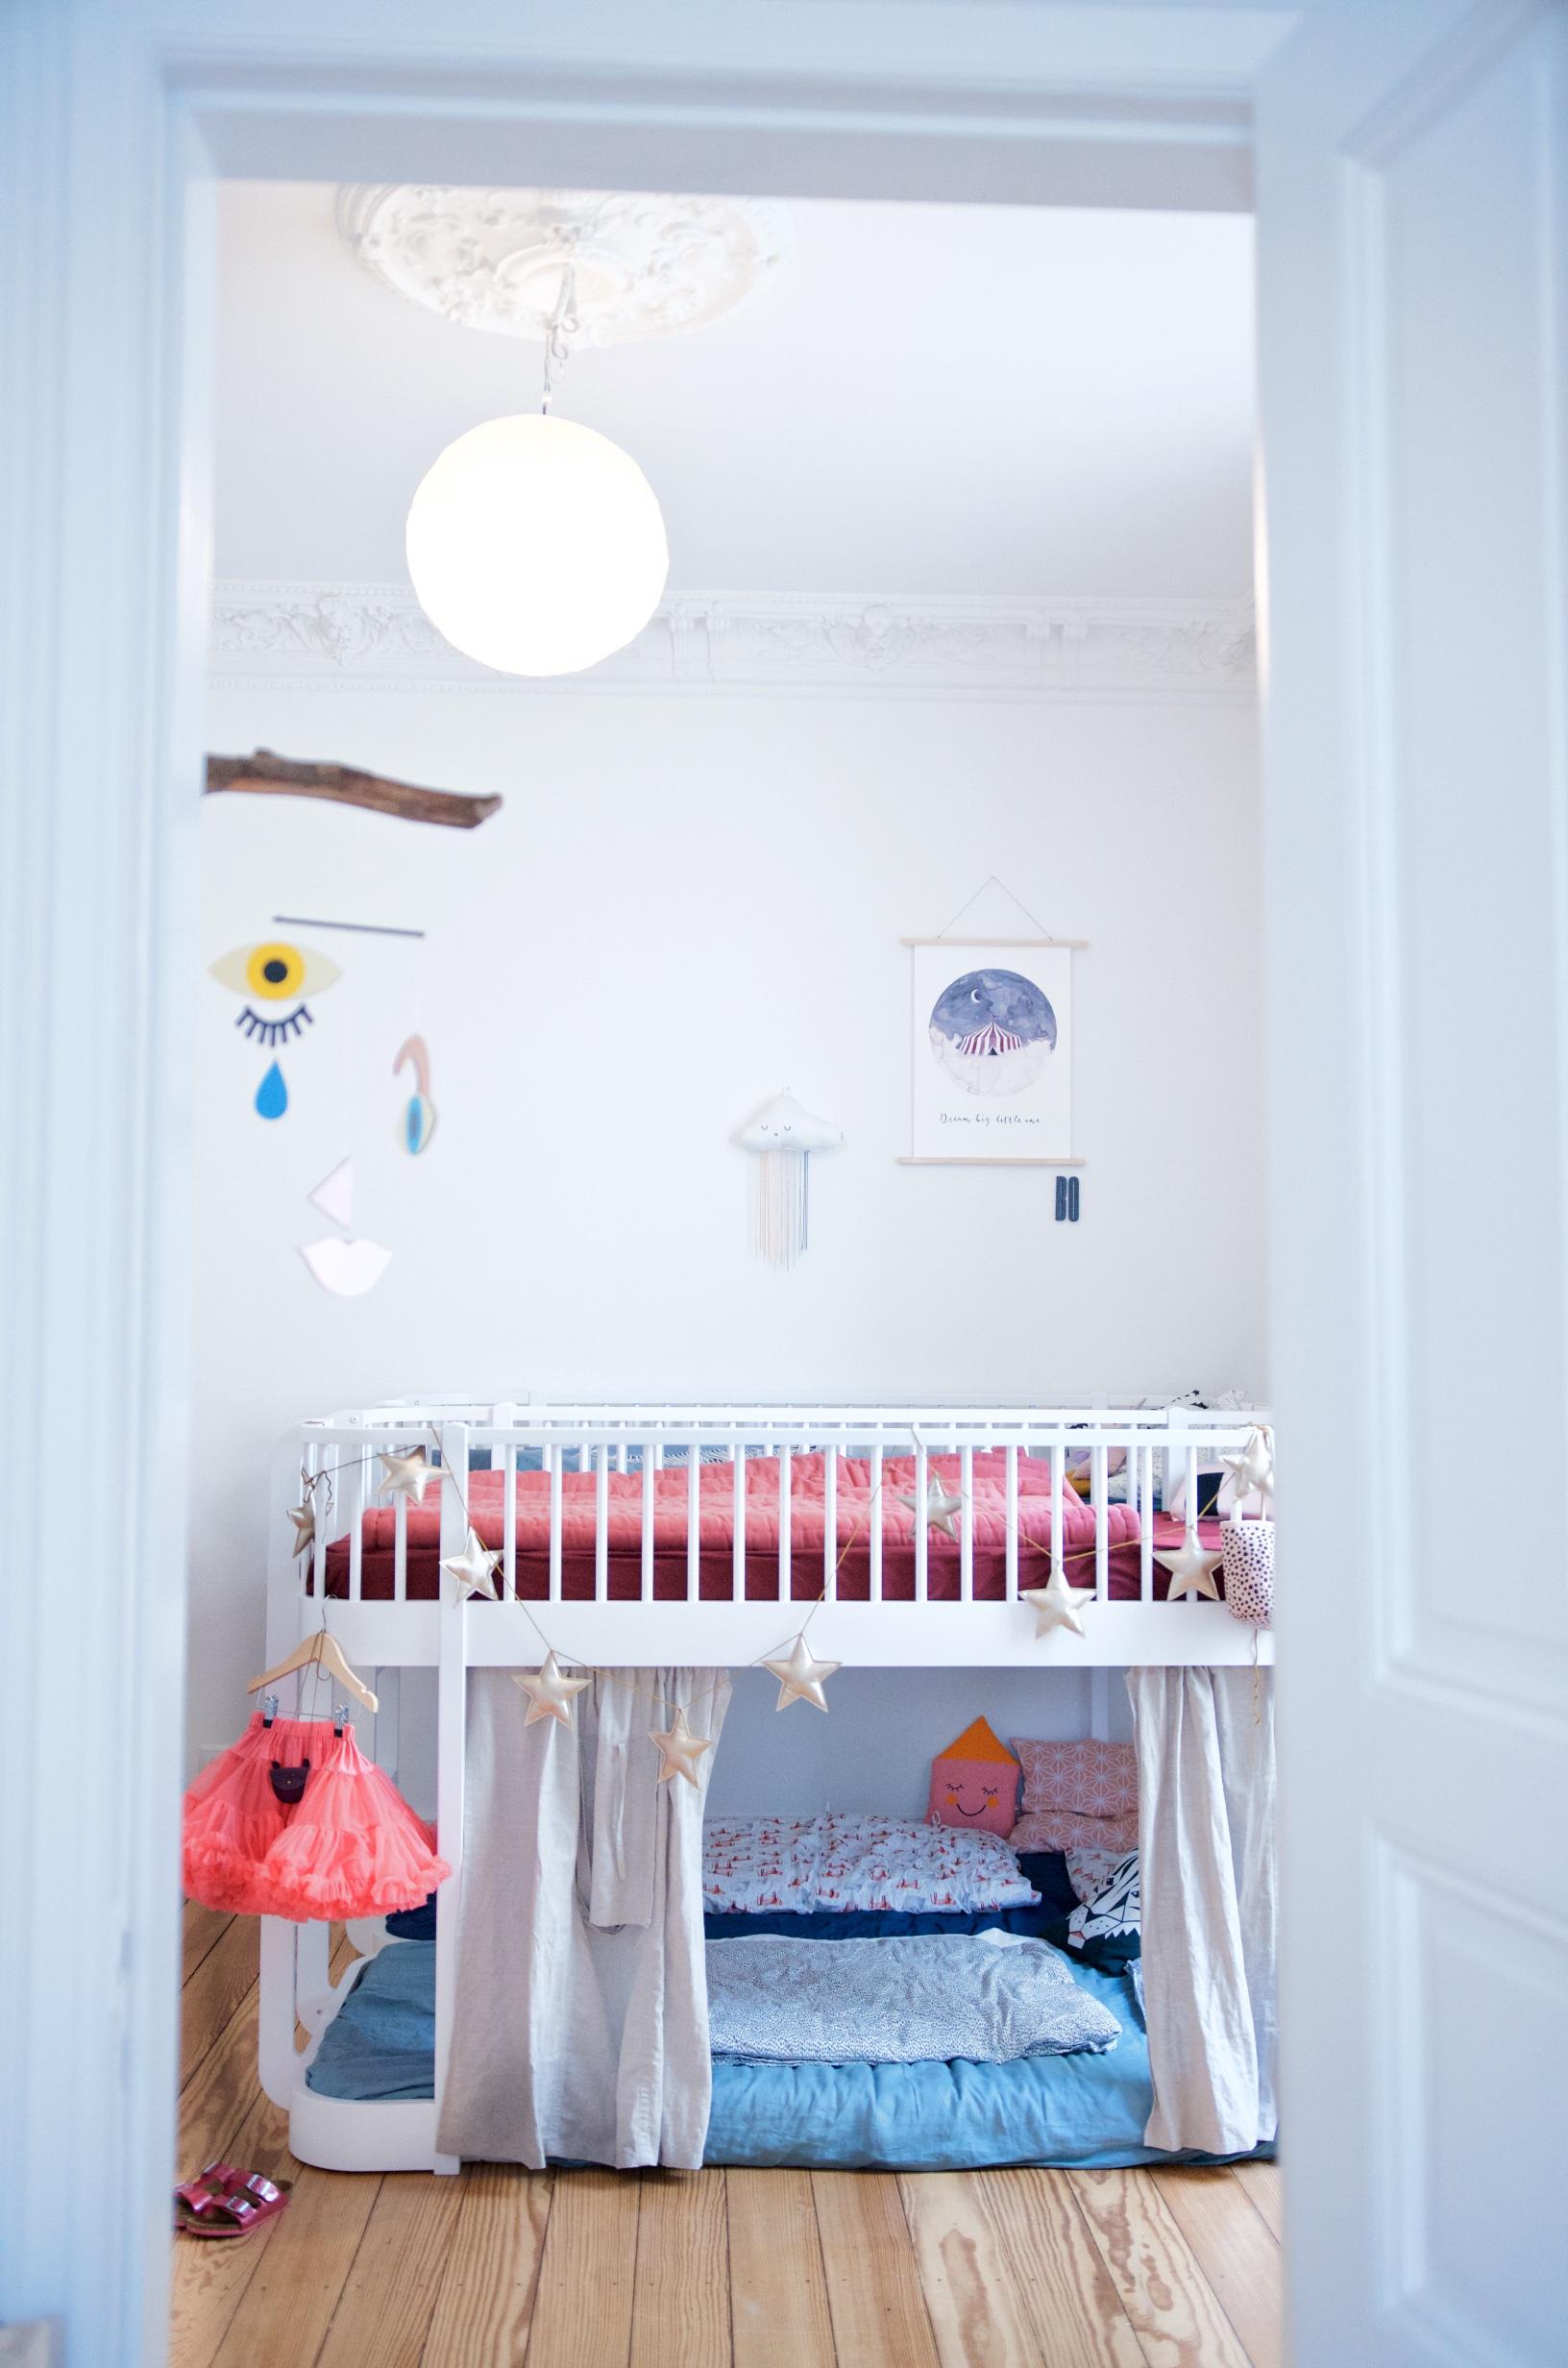 Full Size of Ein Kunterbuntes Kinderzimmer Mit Ecken Fr Alle Bedrfnisse Regal Weiß Regale Sofa Kinderzimmer Hochbett Kinderzimmer